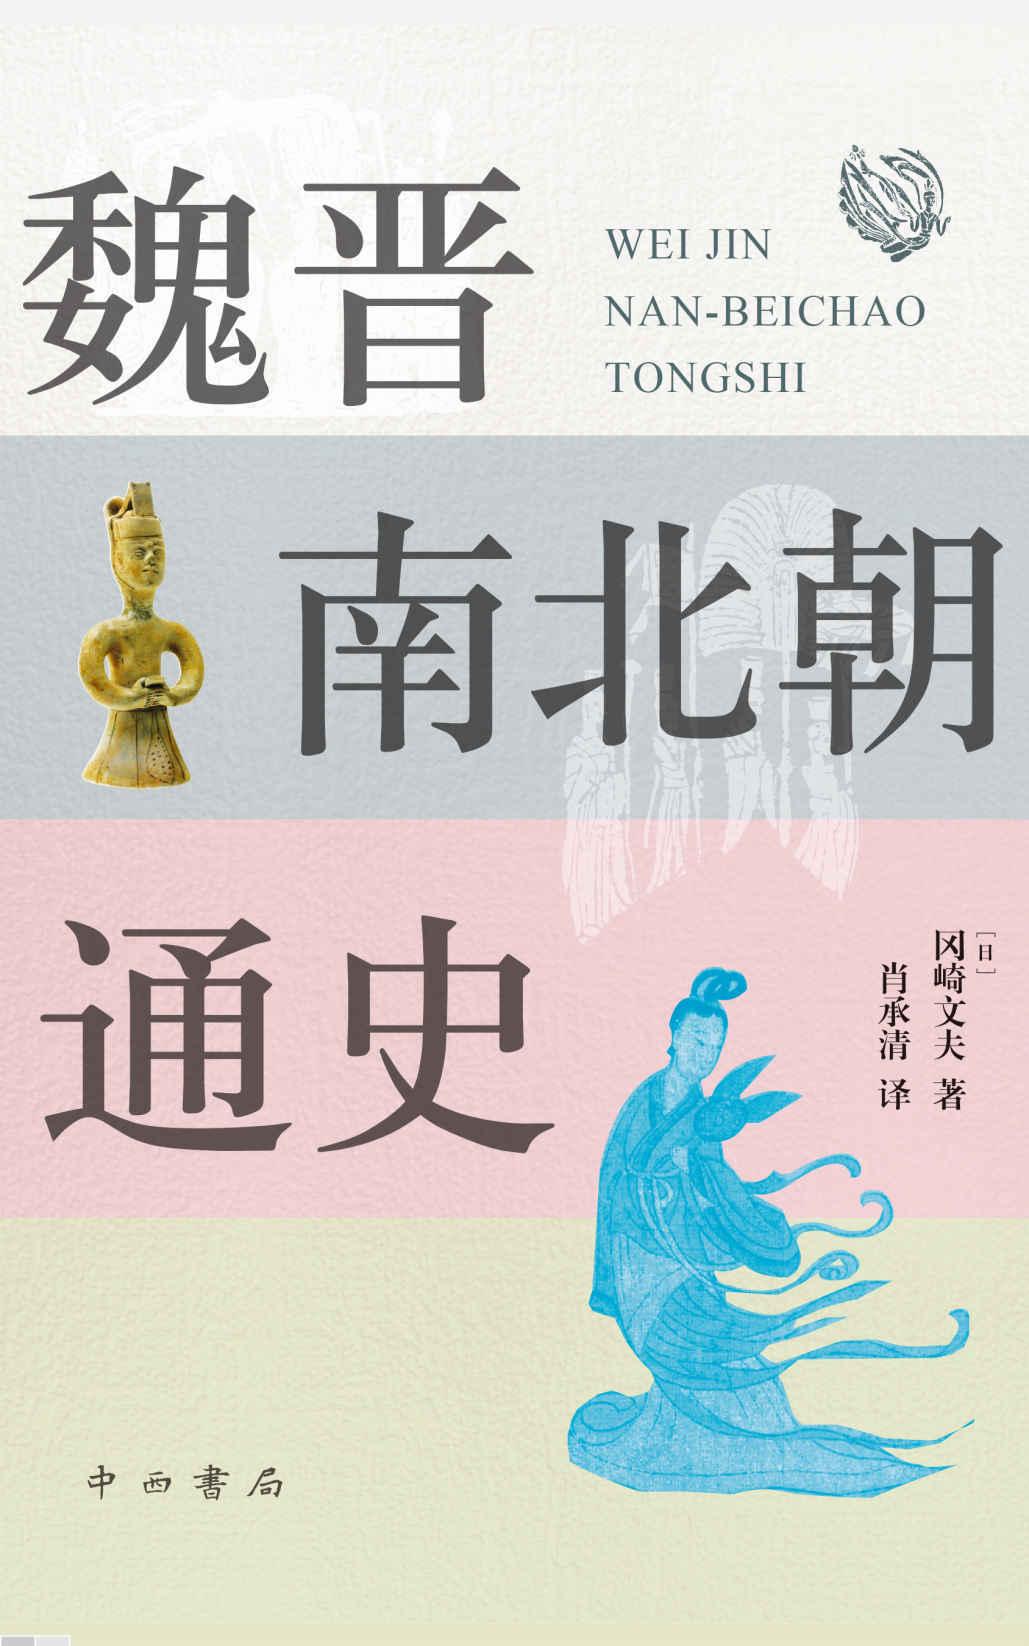 魏晋南北朝通史pdf-epub-mobi-txt-azw3